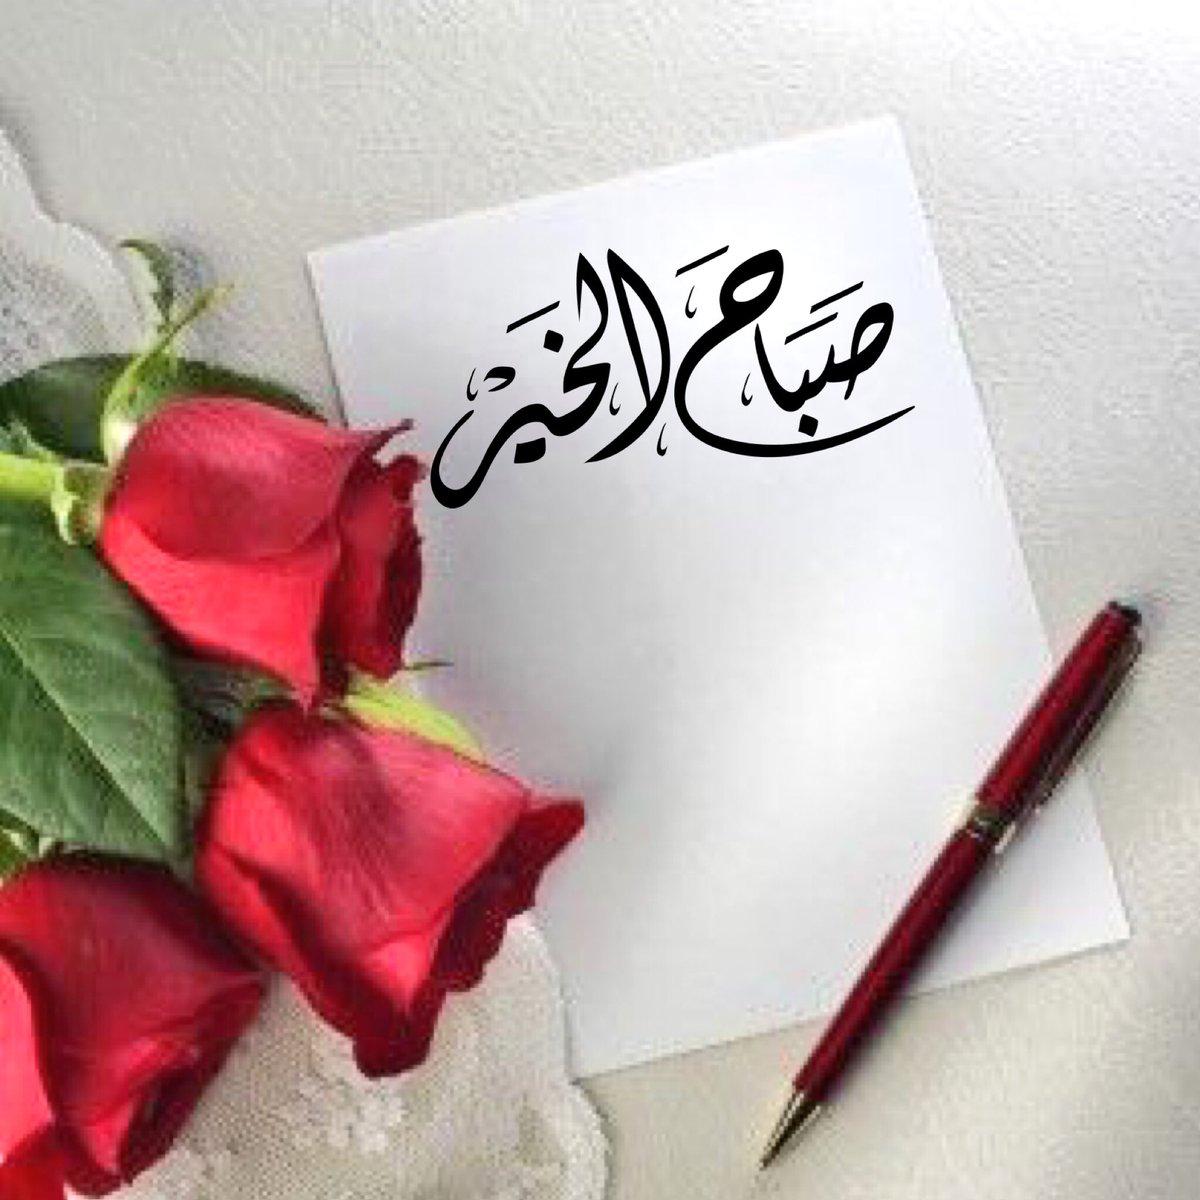 صورة مسجات حب صباح الخير , رسائل صباح الخير رومانسيه